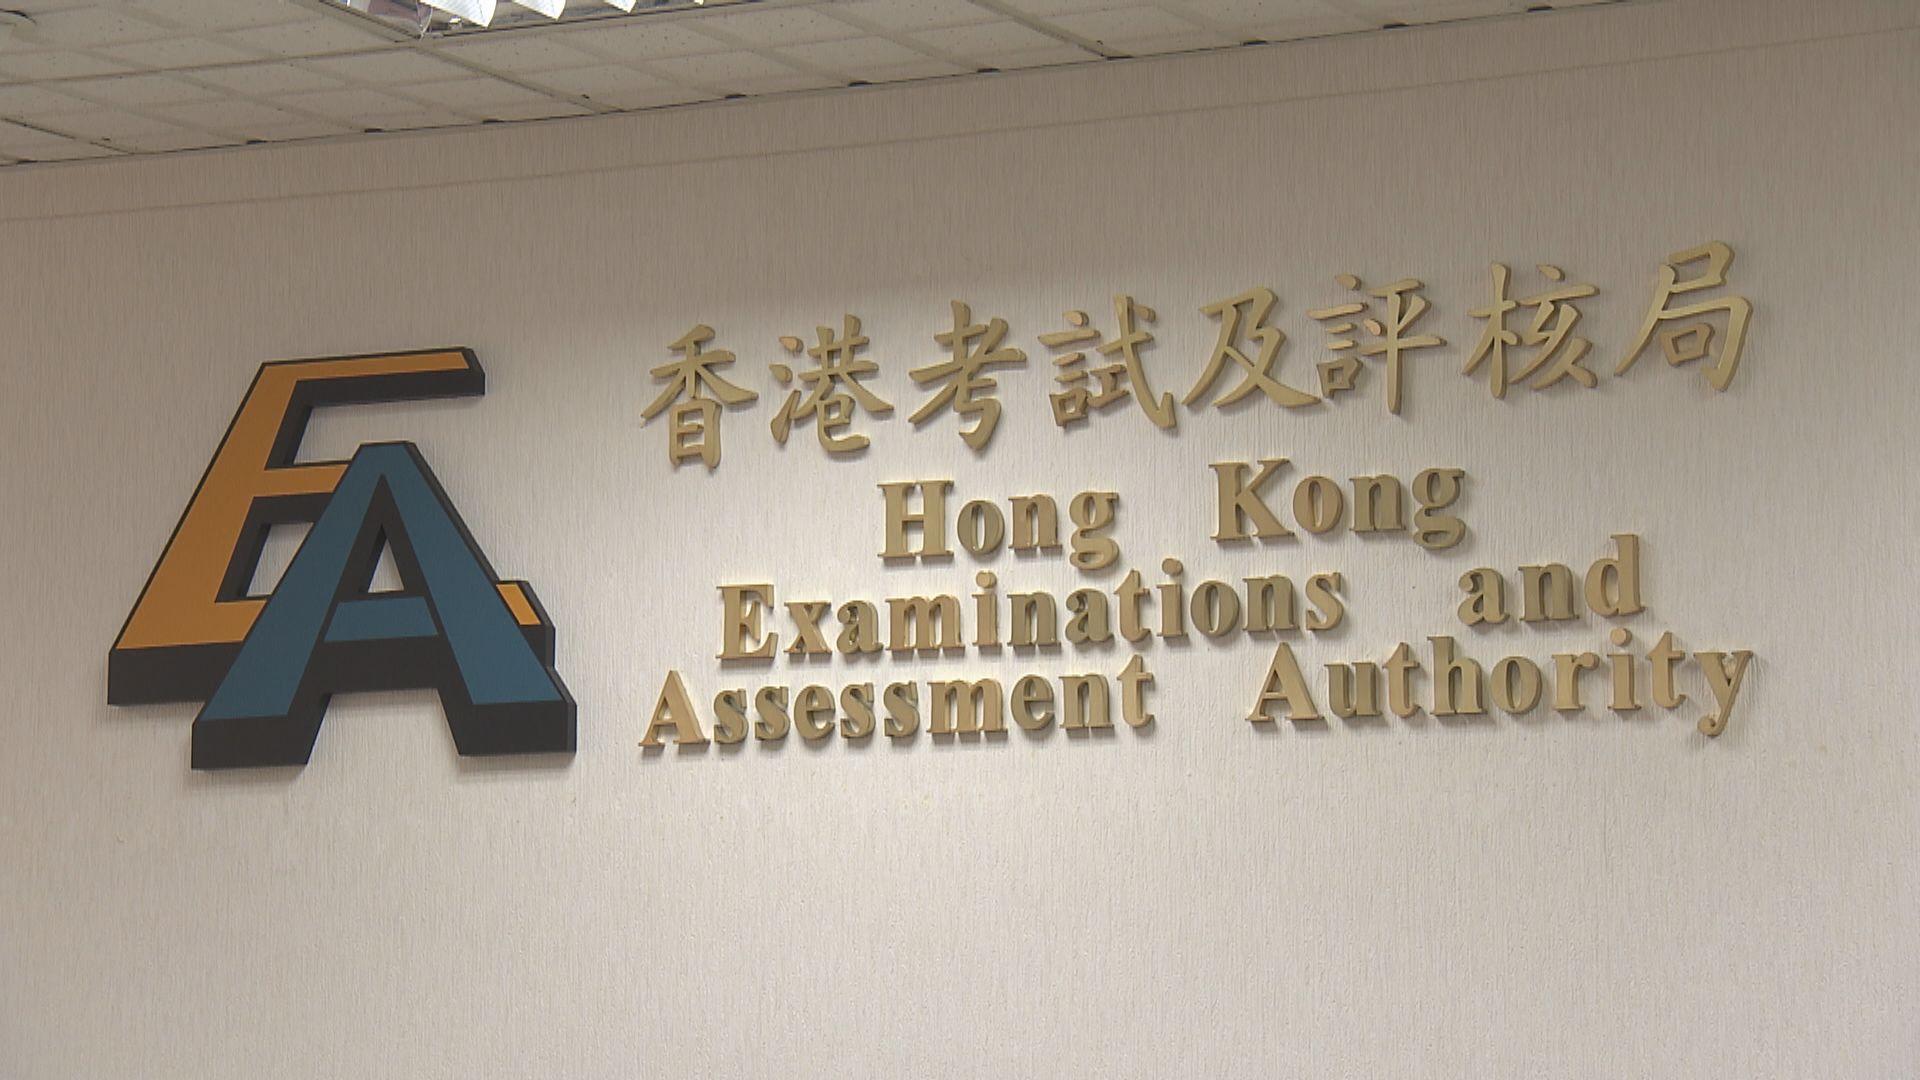 考評局秘書長蘇國生下年離任 局方招聘填補空缺